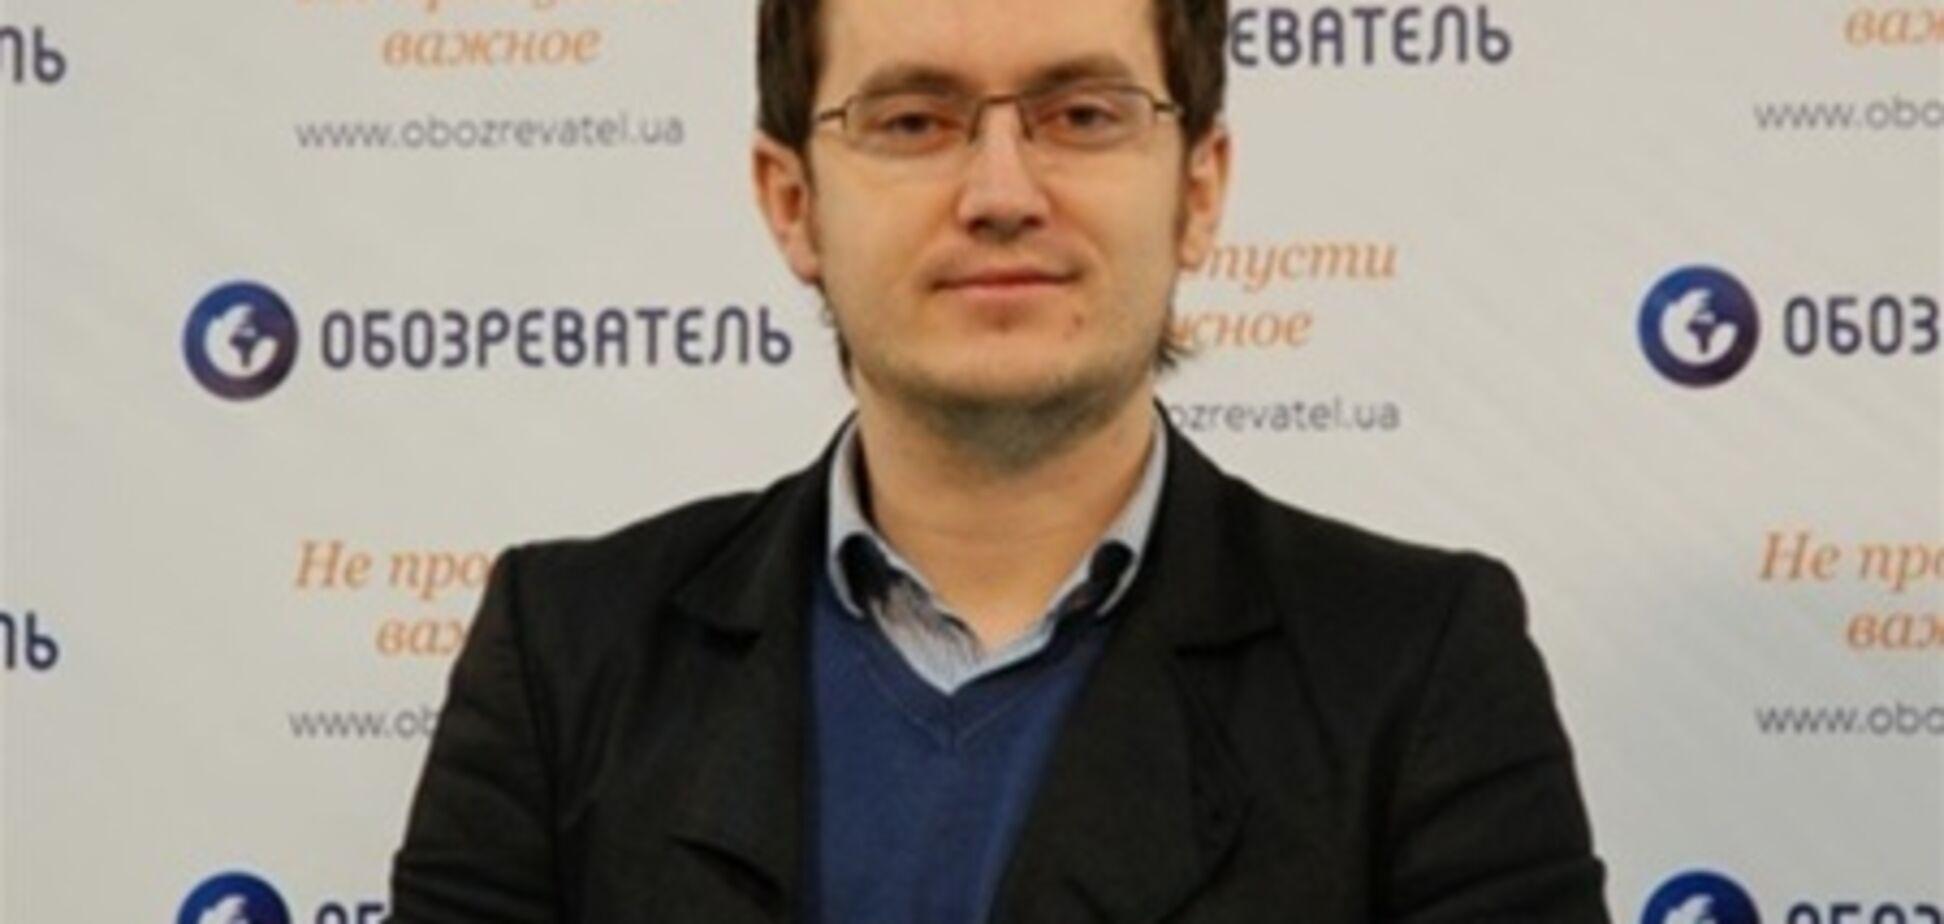 Антон Середа врятував покалічену кішку